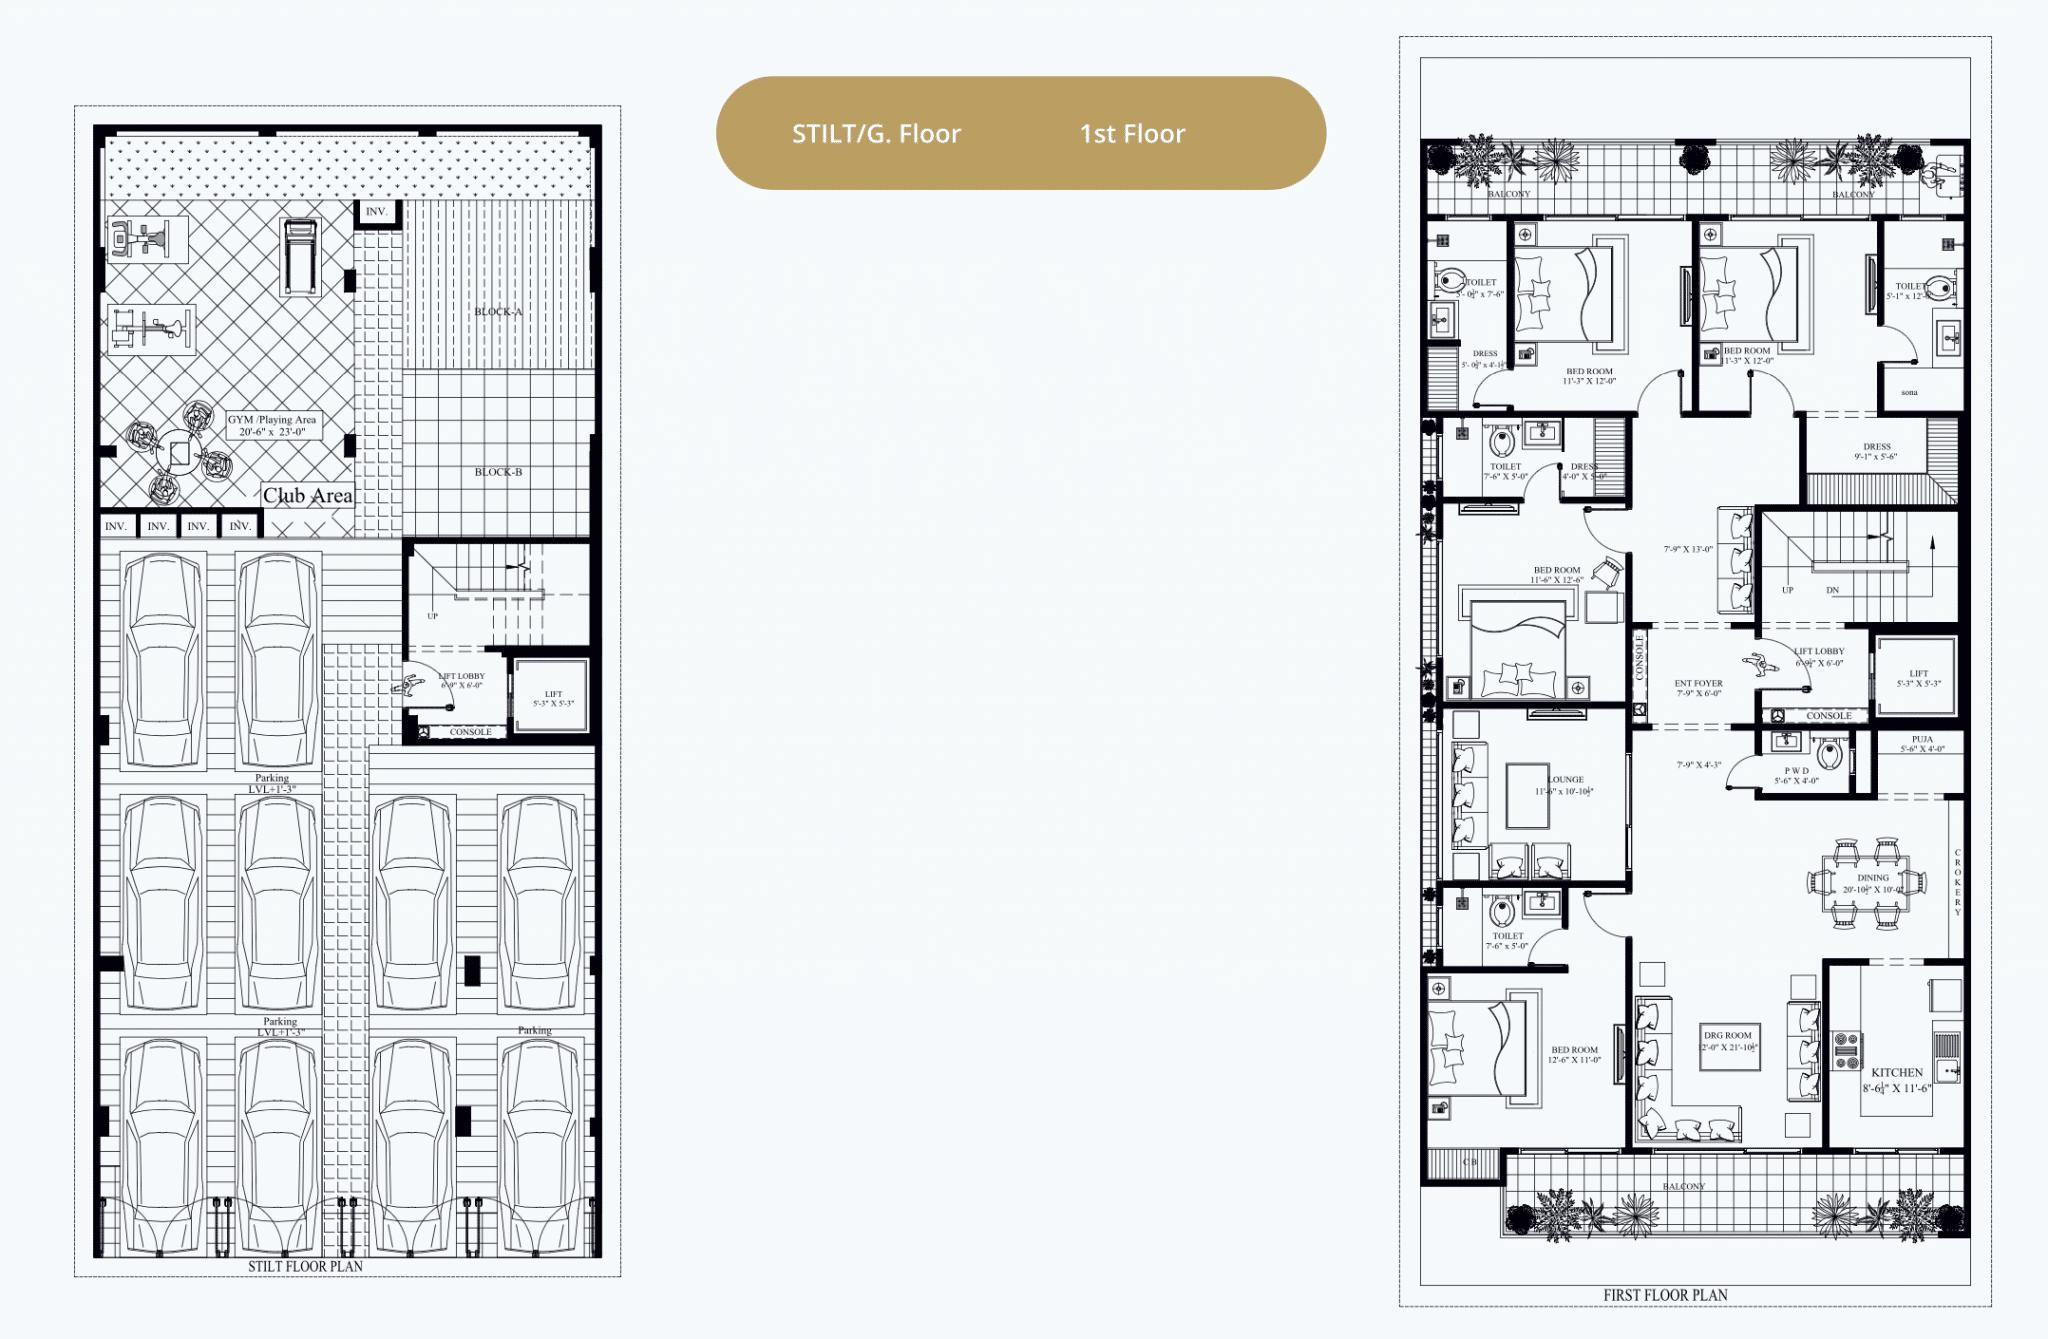 Stilt & 1st Floor Plan